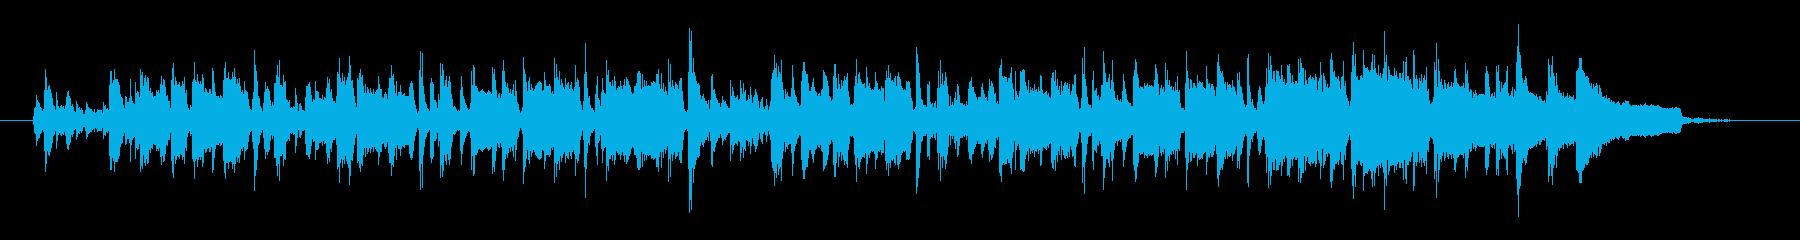 マンドリンがさわやかで軽やかなポップスの再生済みの波形